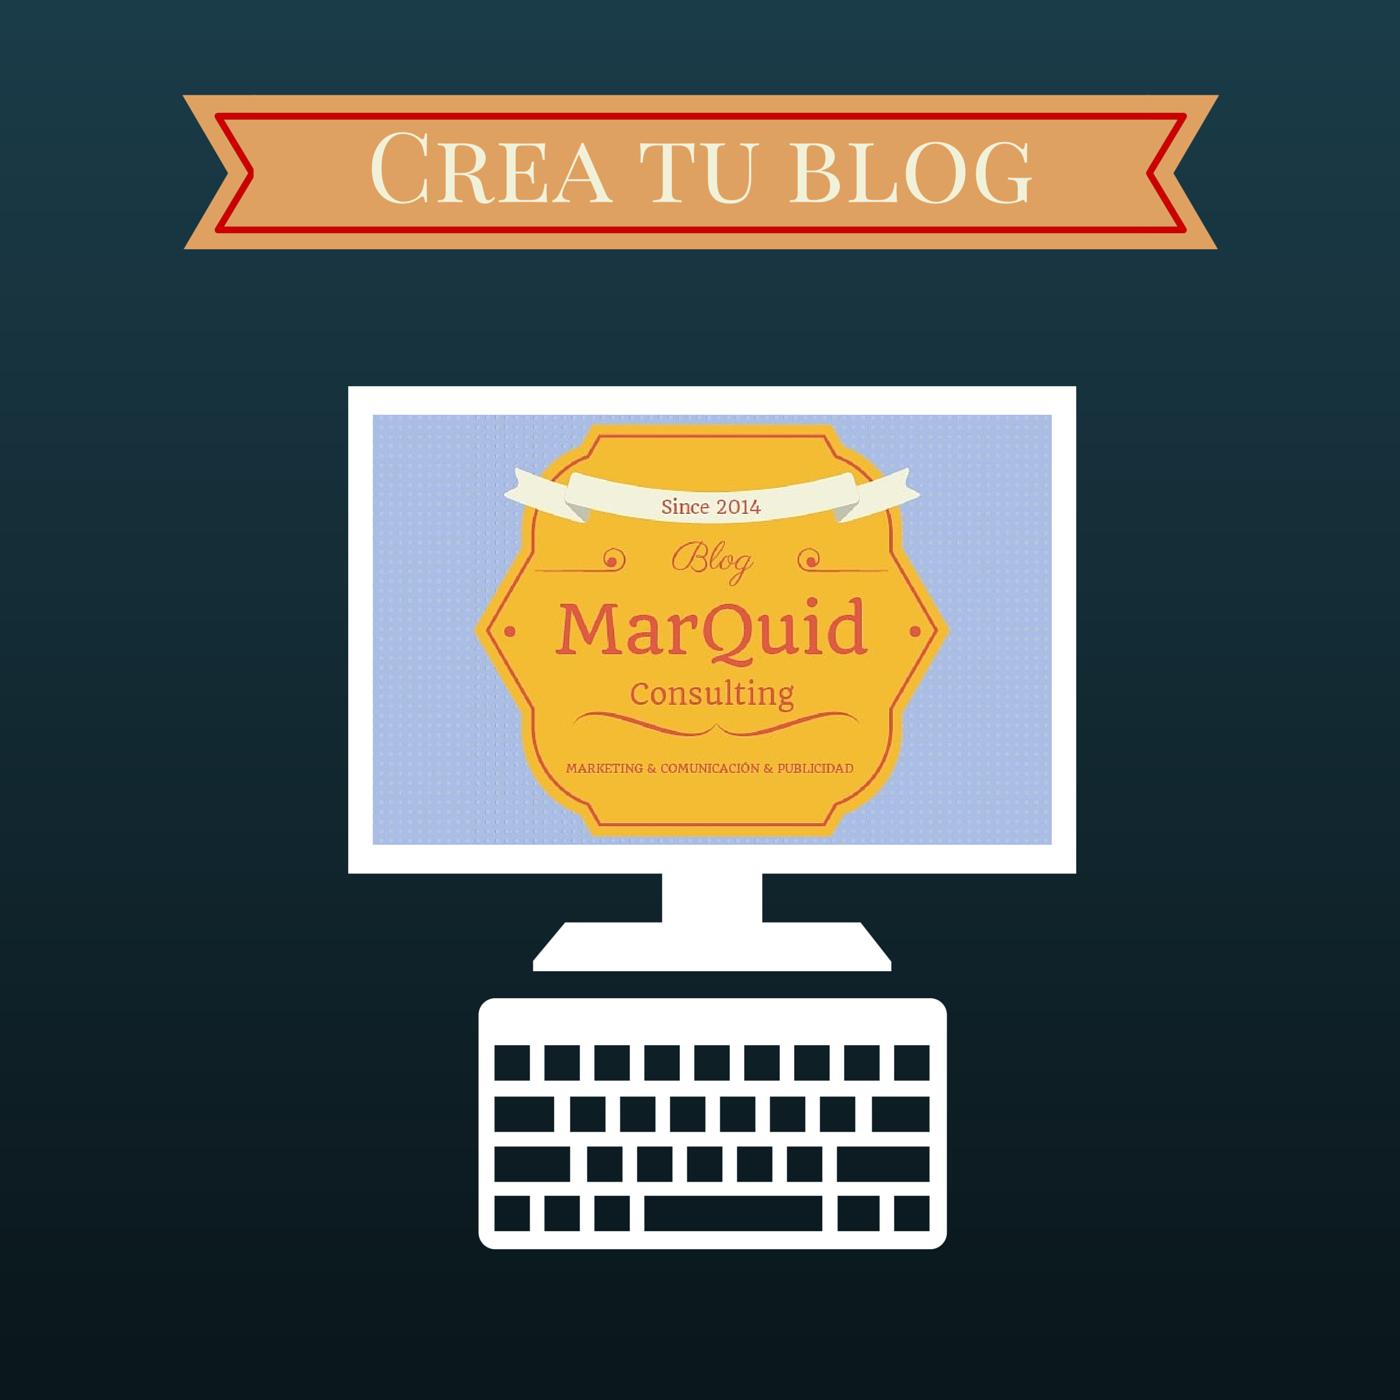 ¿Por qué necesitas un blog?